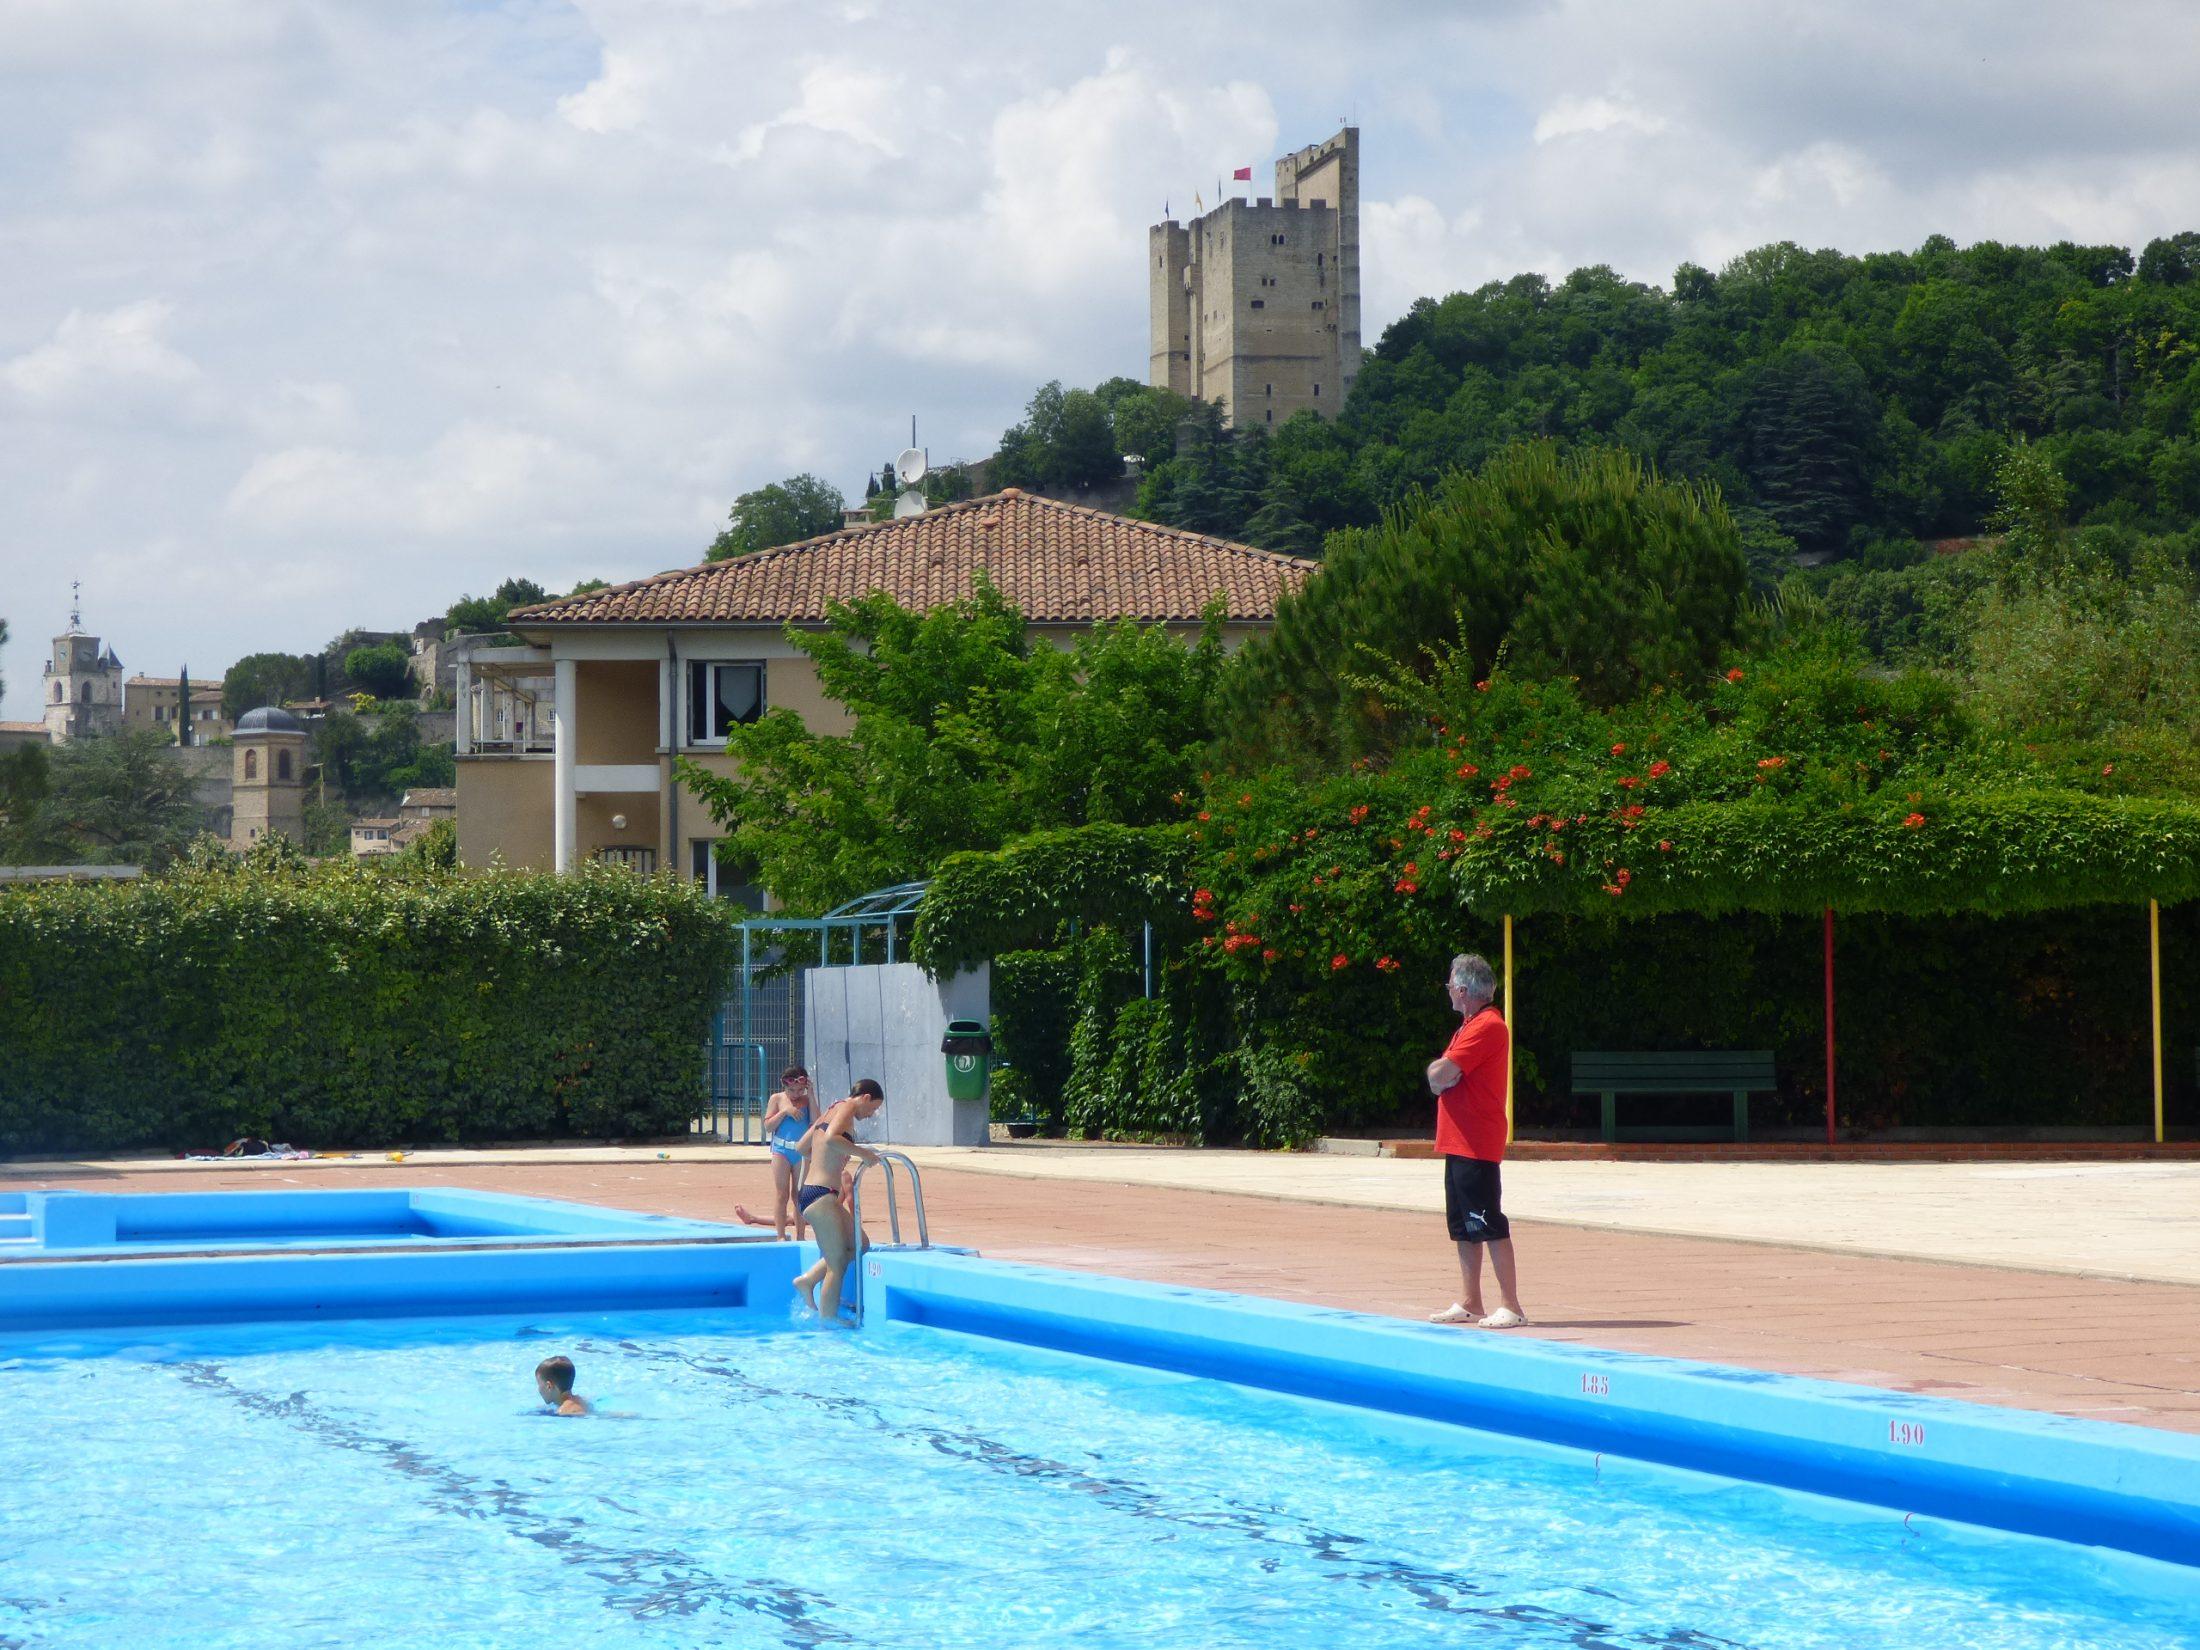 Ouverture Piscine Intercommunale - Communauté De Communes Du ... encequiconcerne Horaire Piscine Jacou